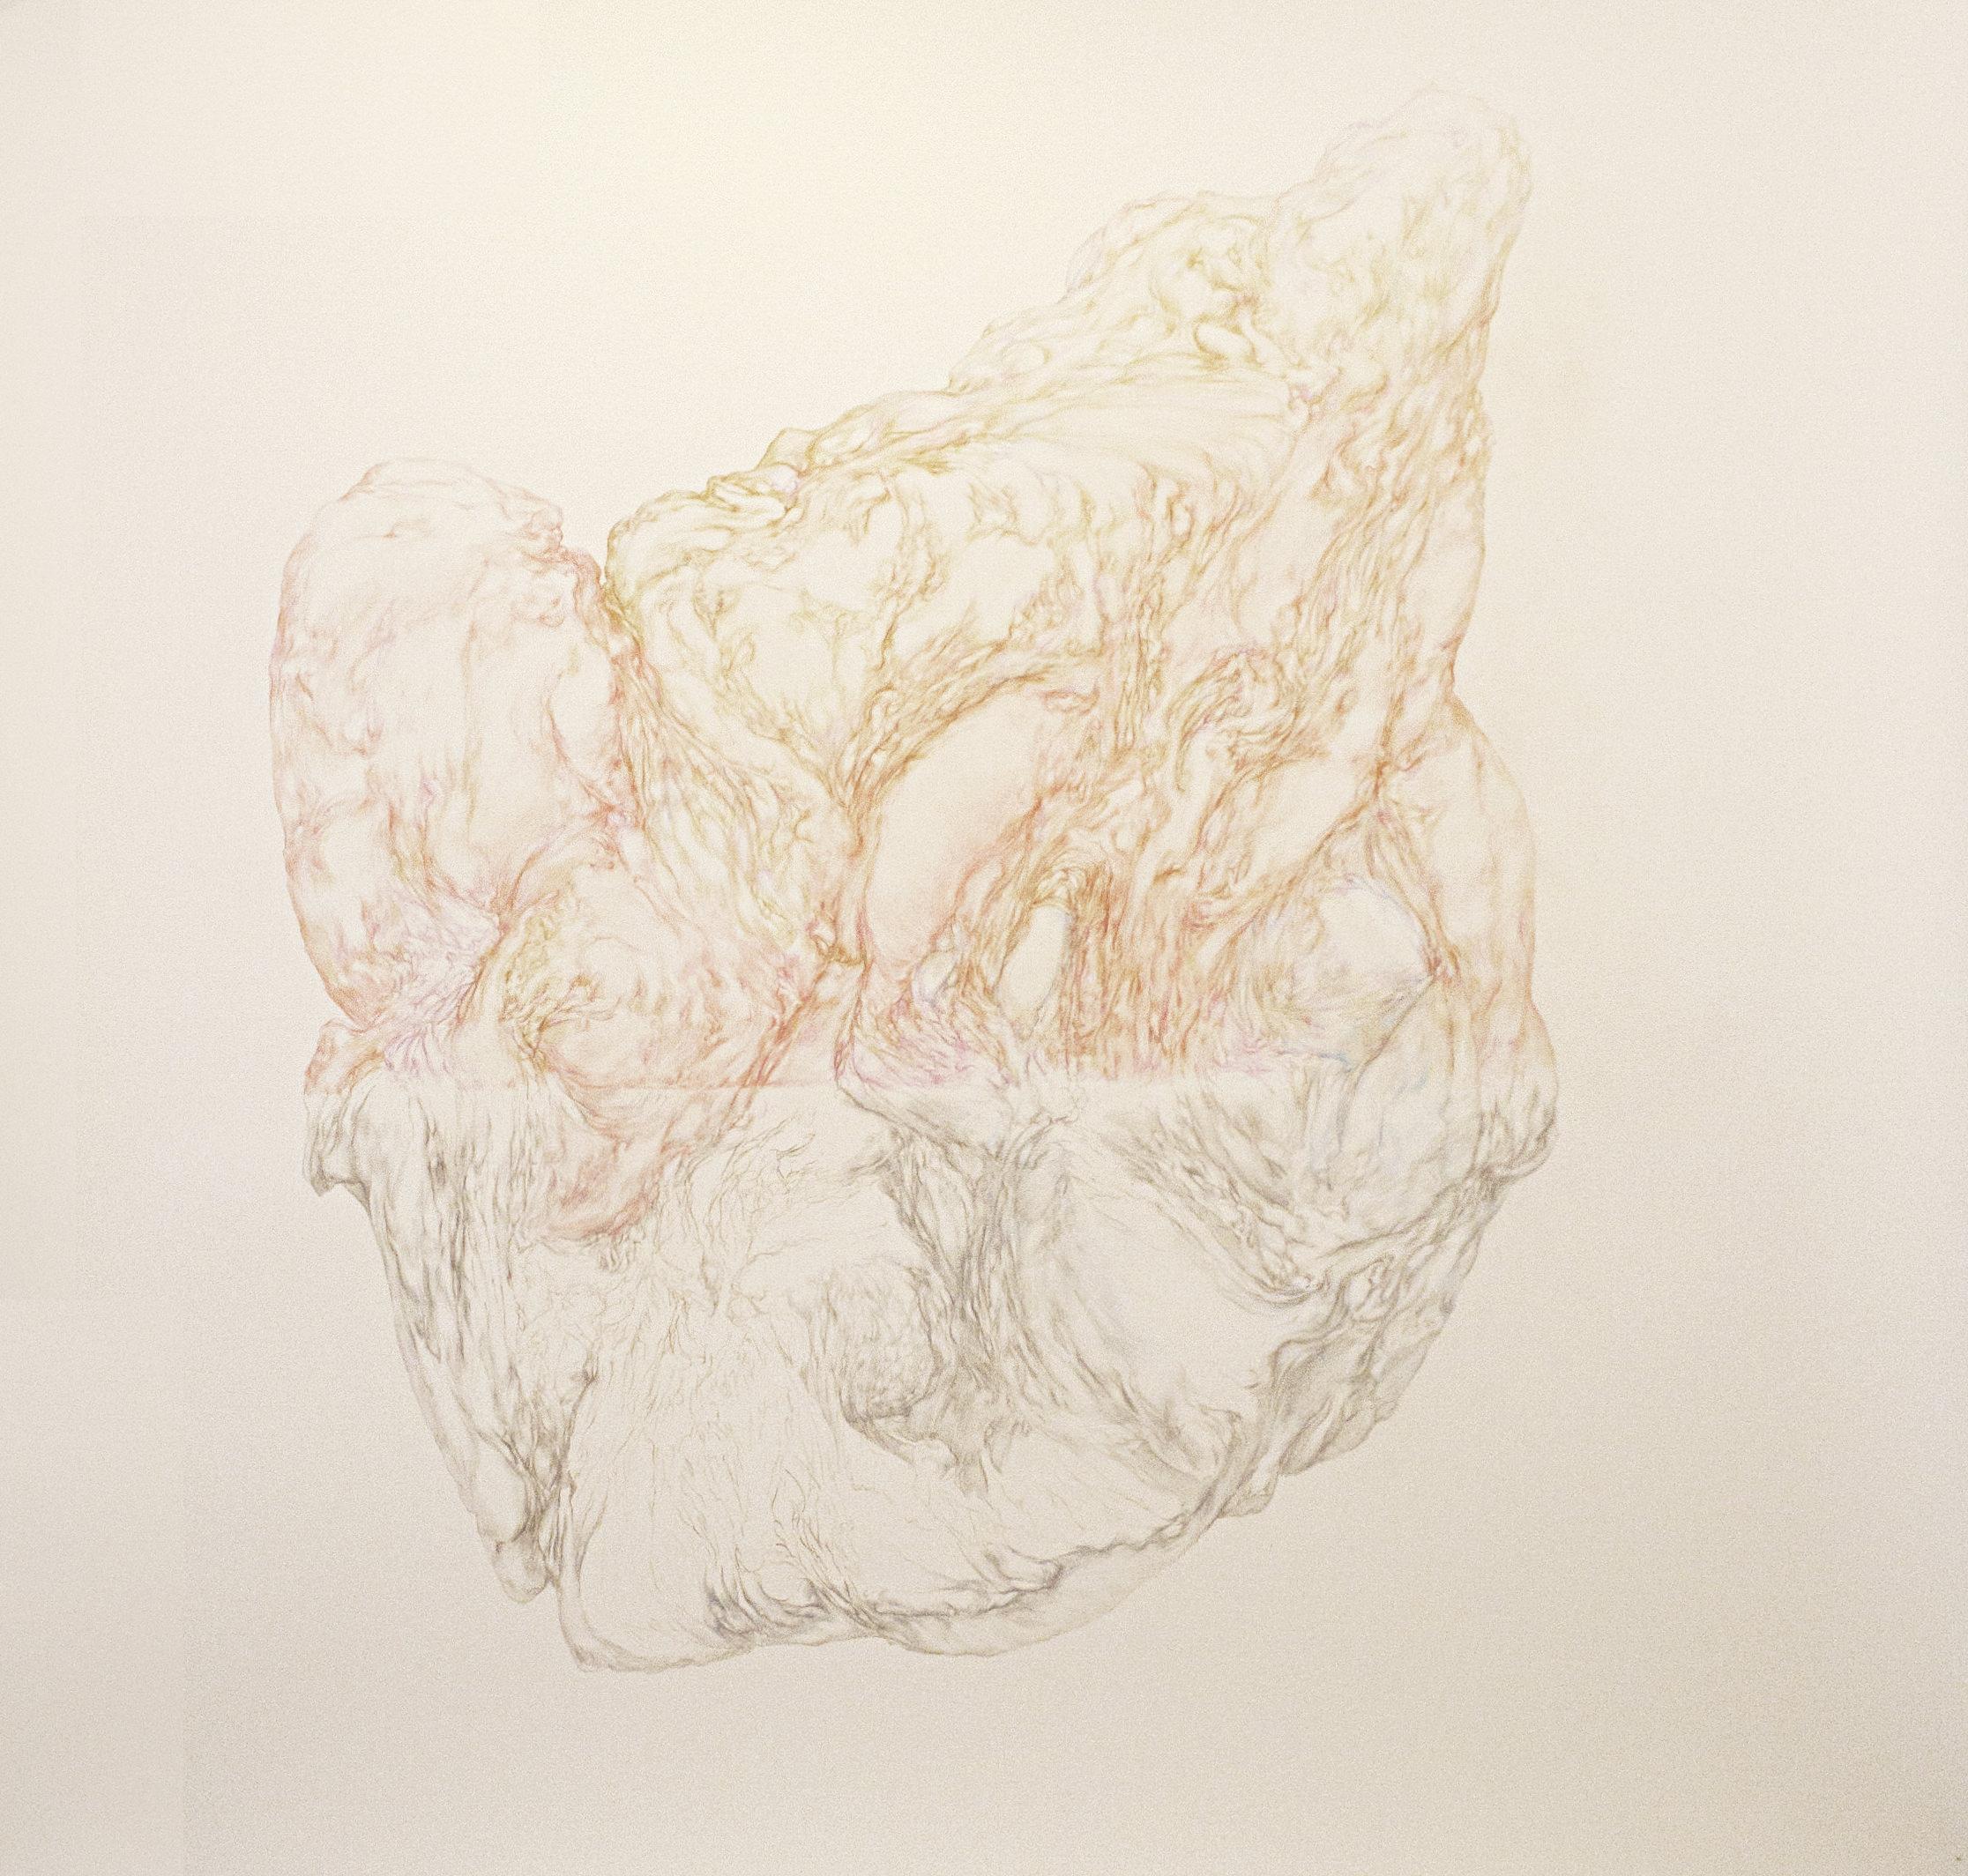 Obra de Henrike Scholten. Lápiz sobre papel, 150x150cm. Imagen cortesía de la galería.